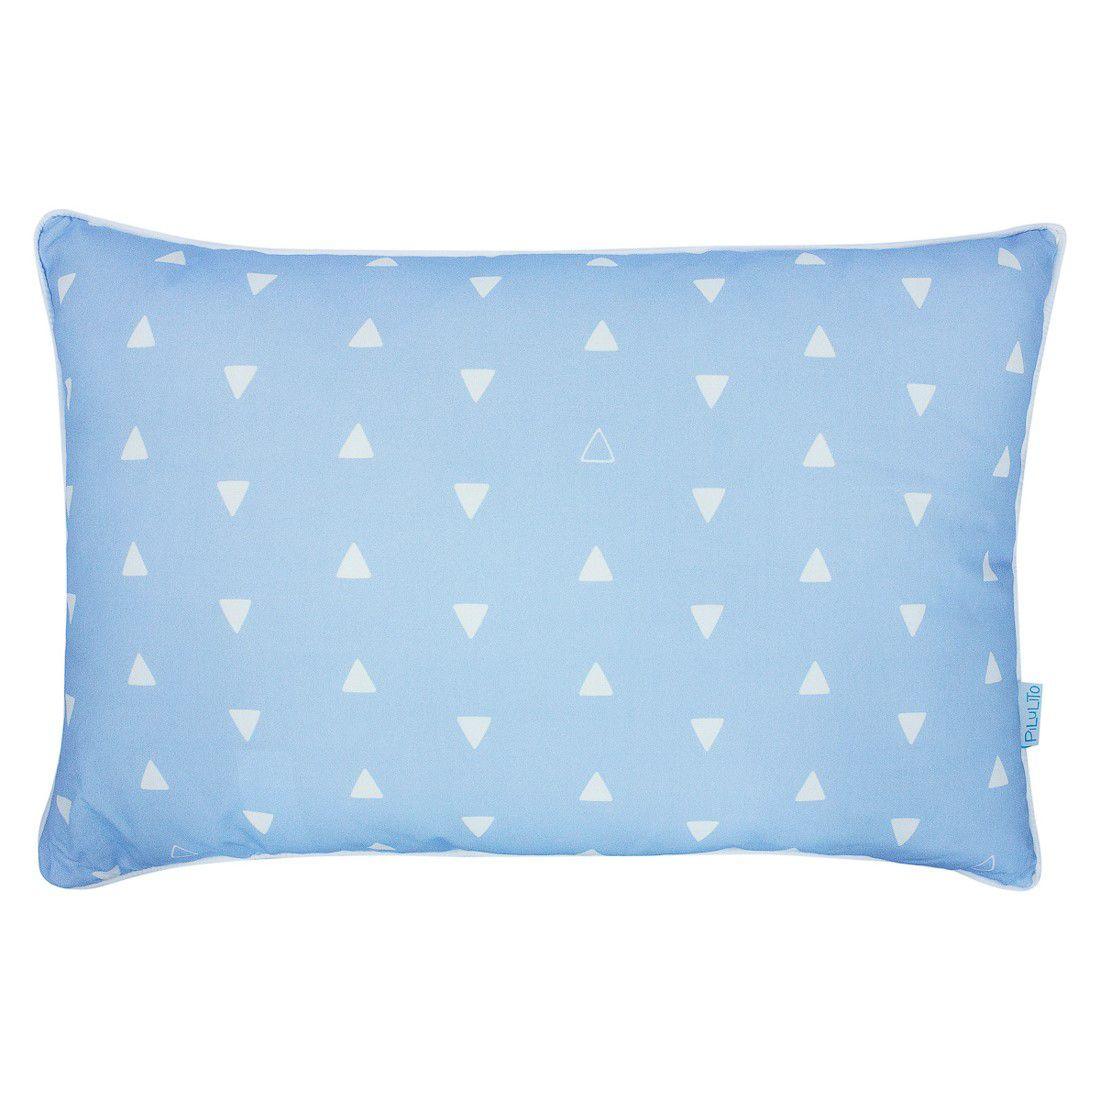 Capa de almofada 45x30cm triângulos azul claro